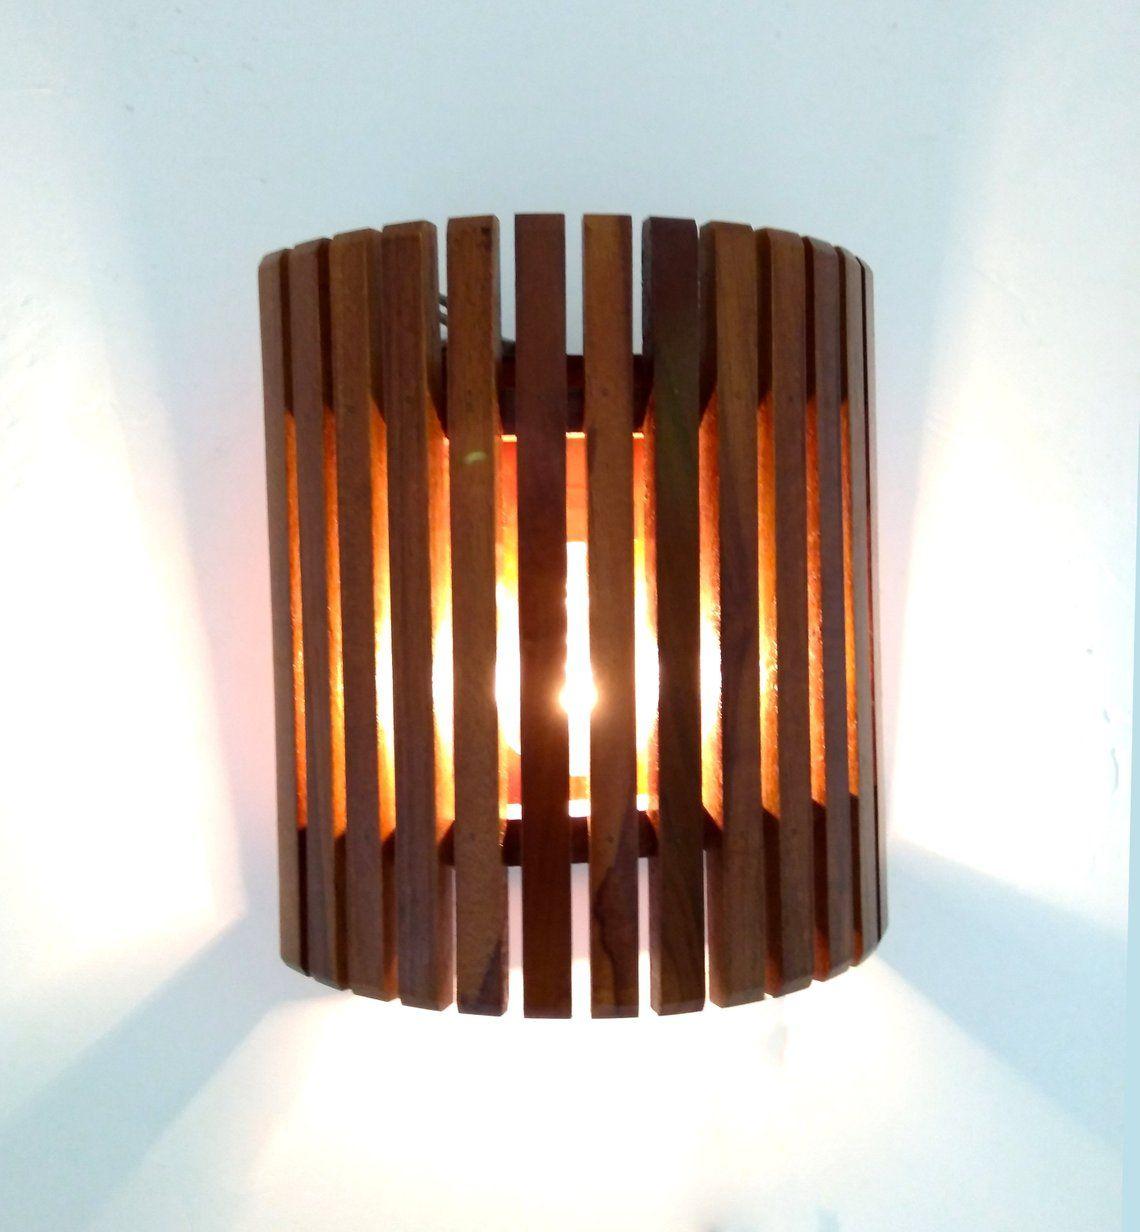 Wall Lamp Handmade Teak Wooden Lamp Wood Lamp Wall Light